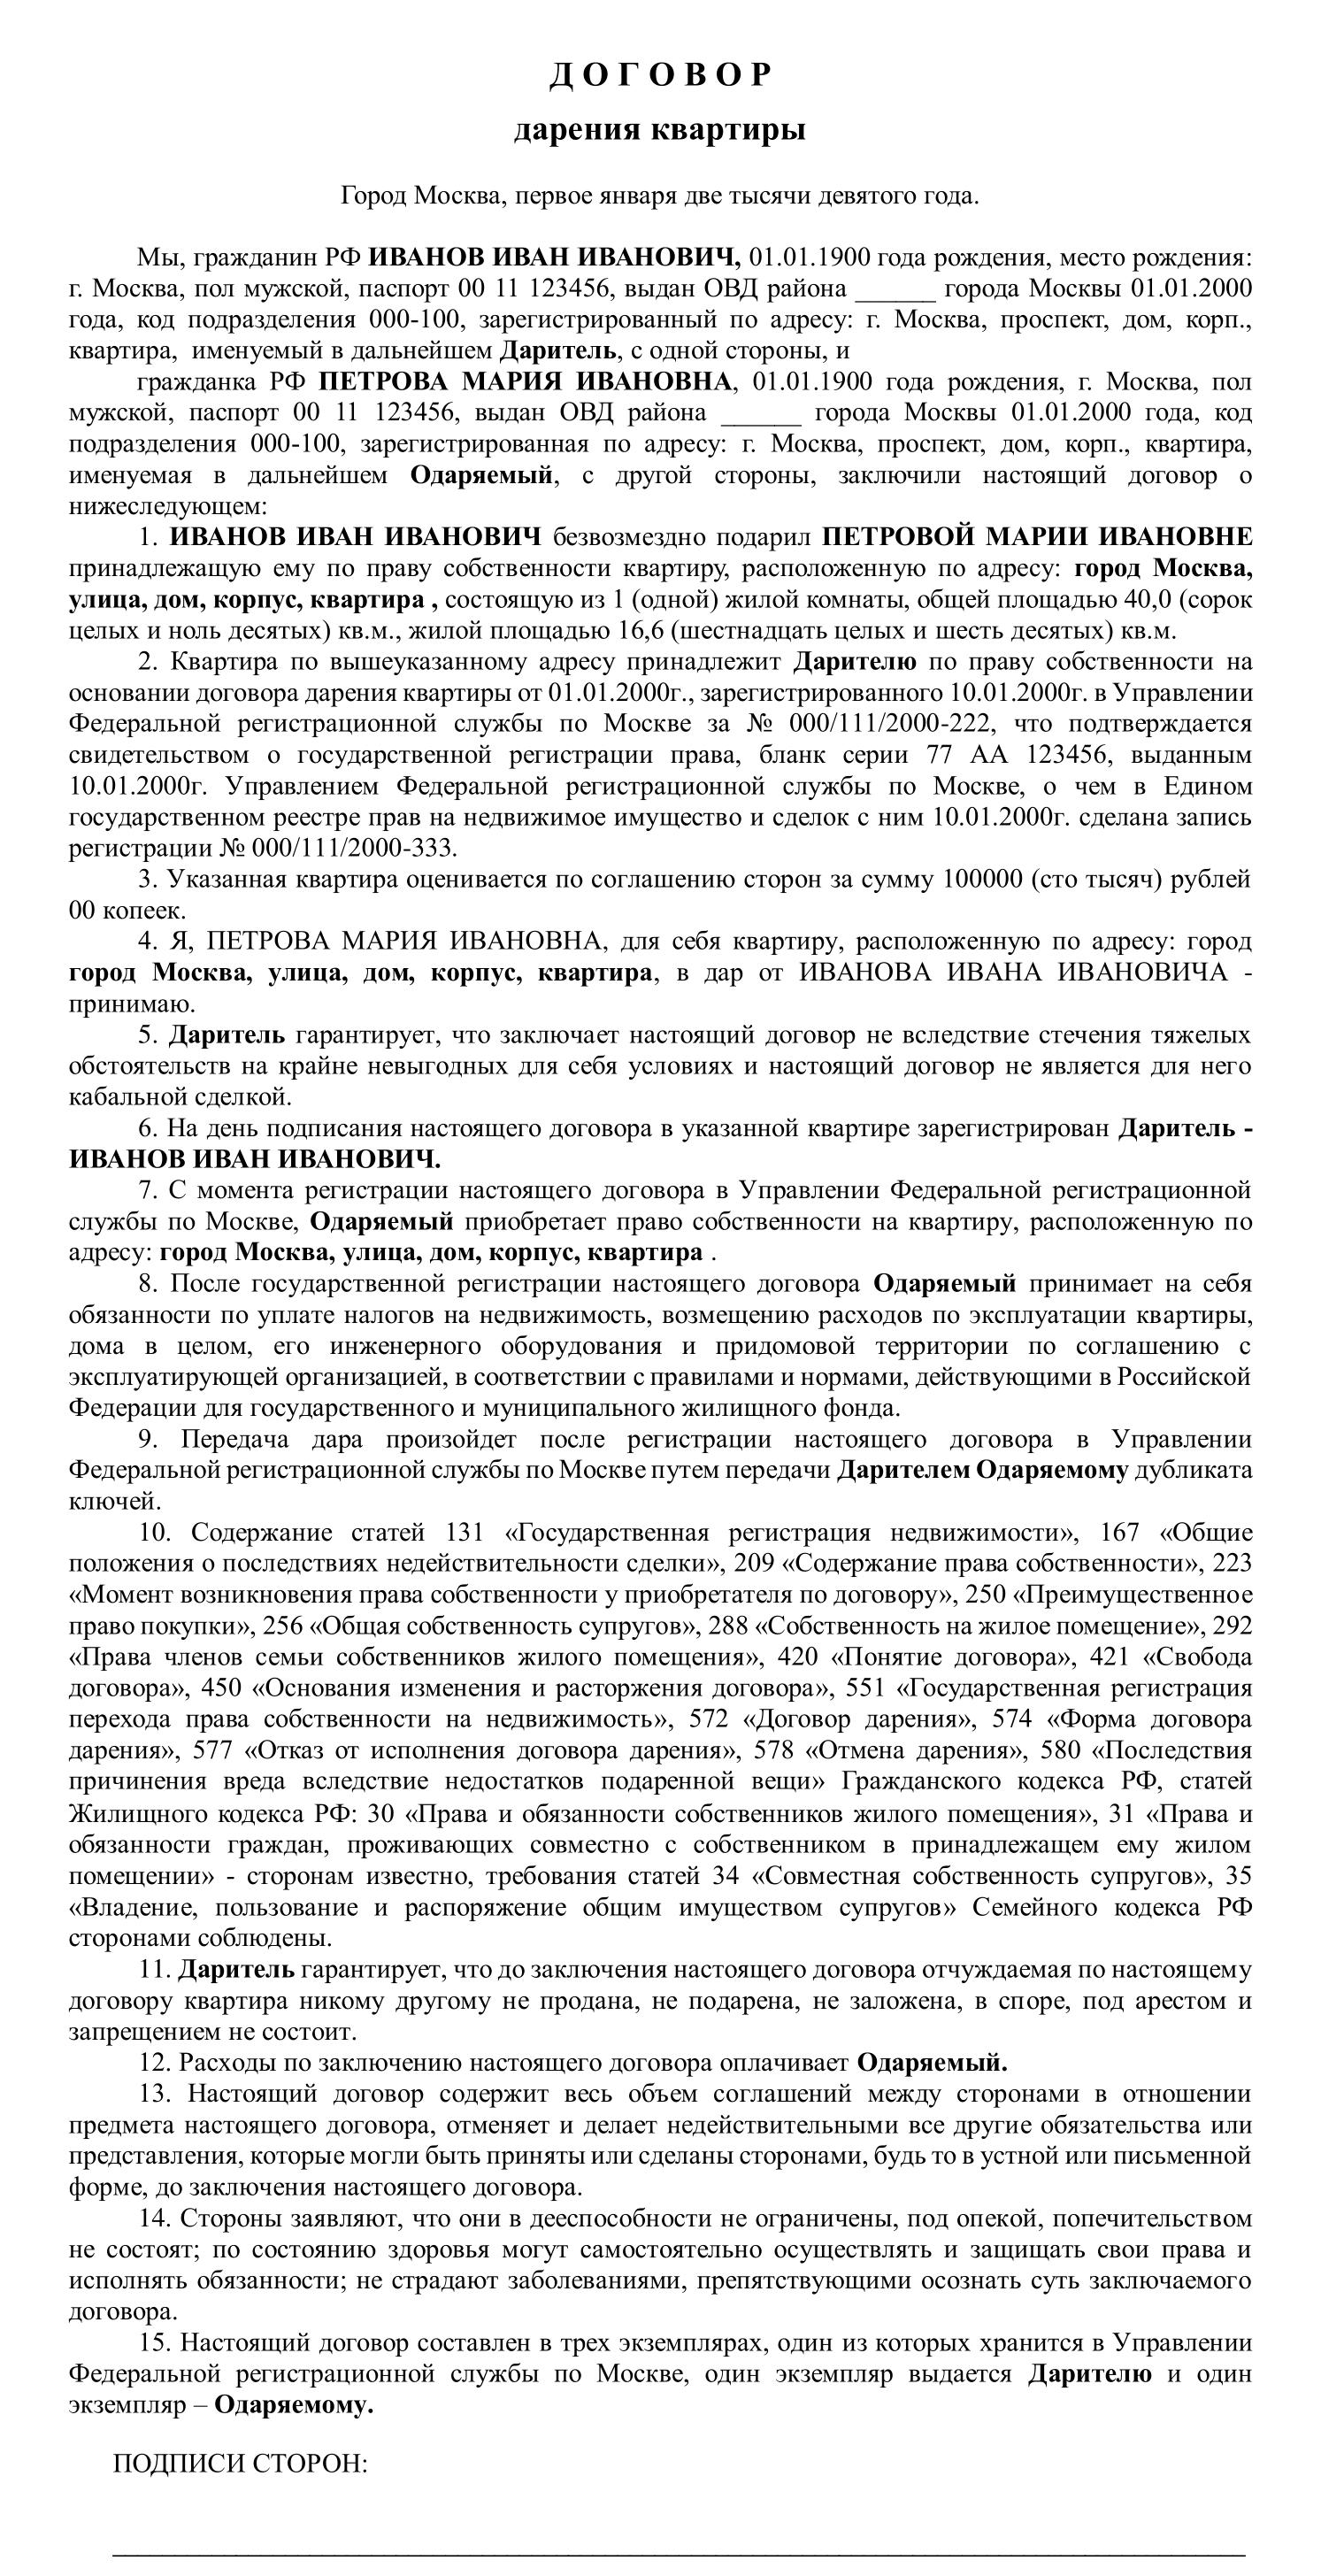 Размер алиментов в 2019 году